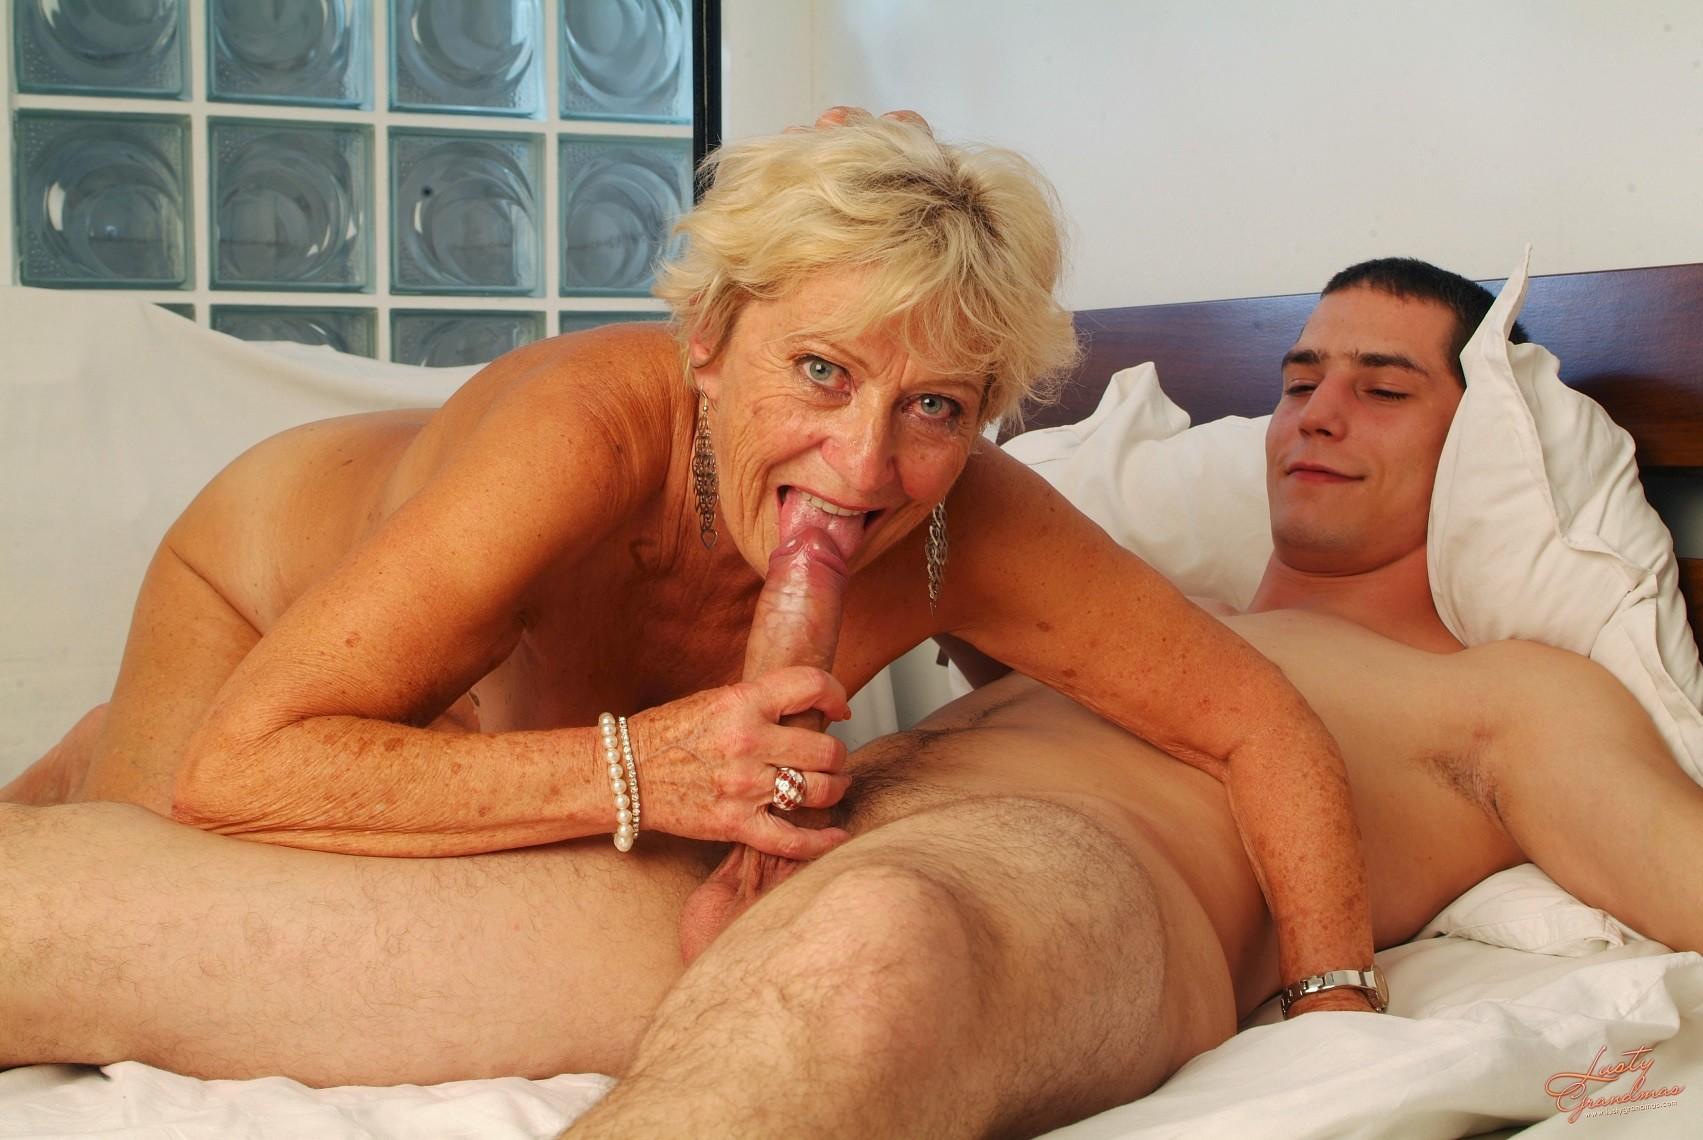 young-men-and-older-ladies-enjoying-sex